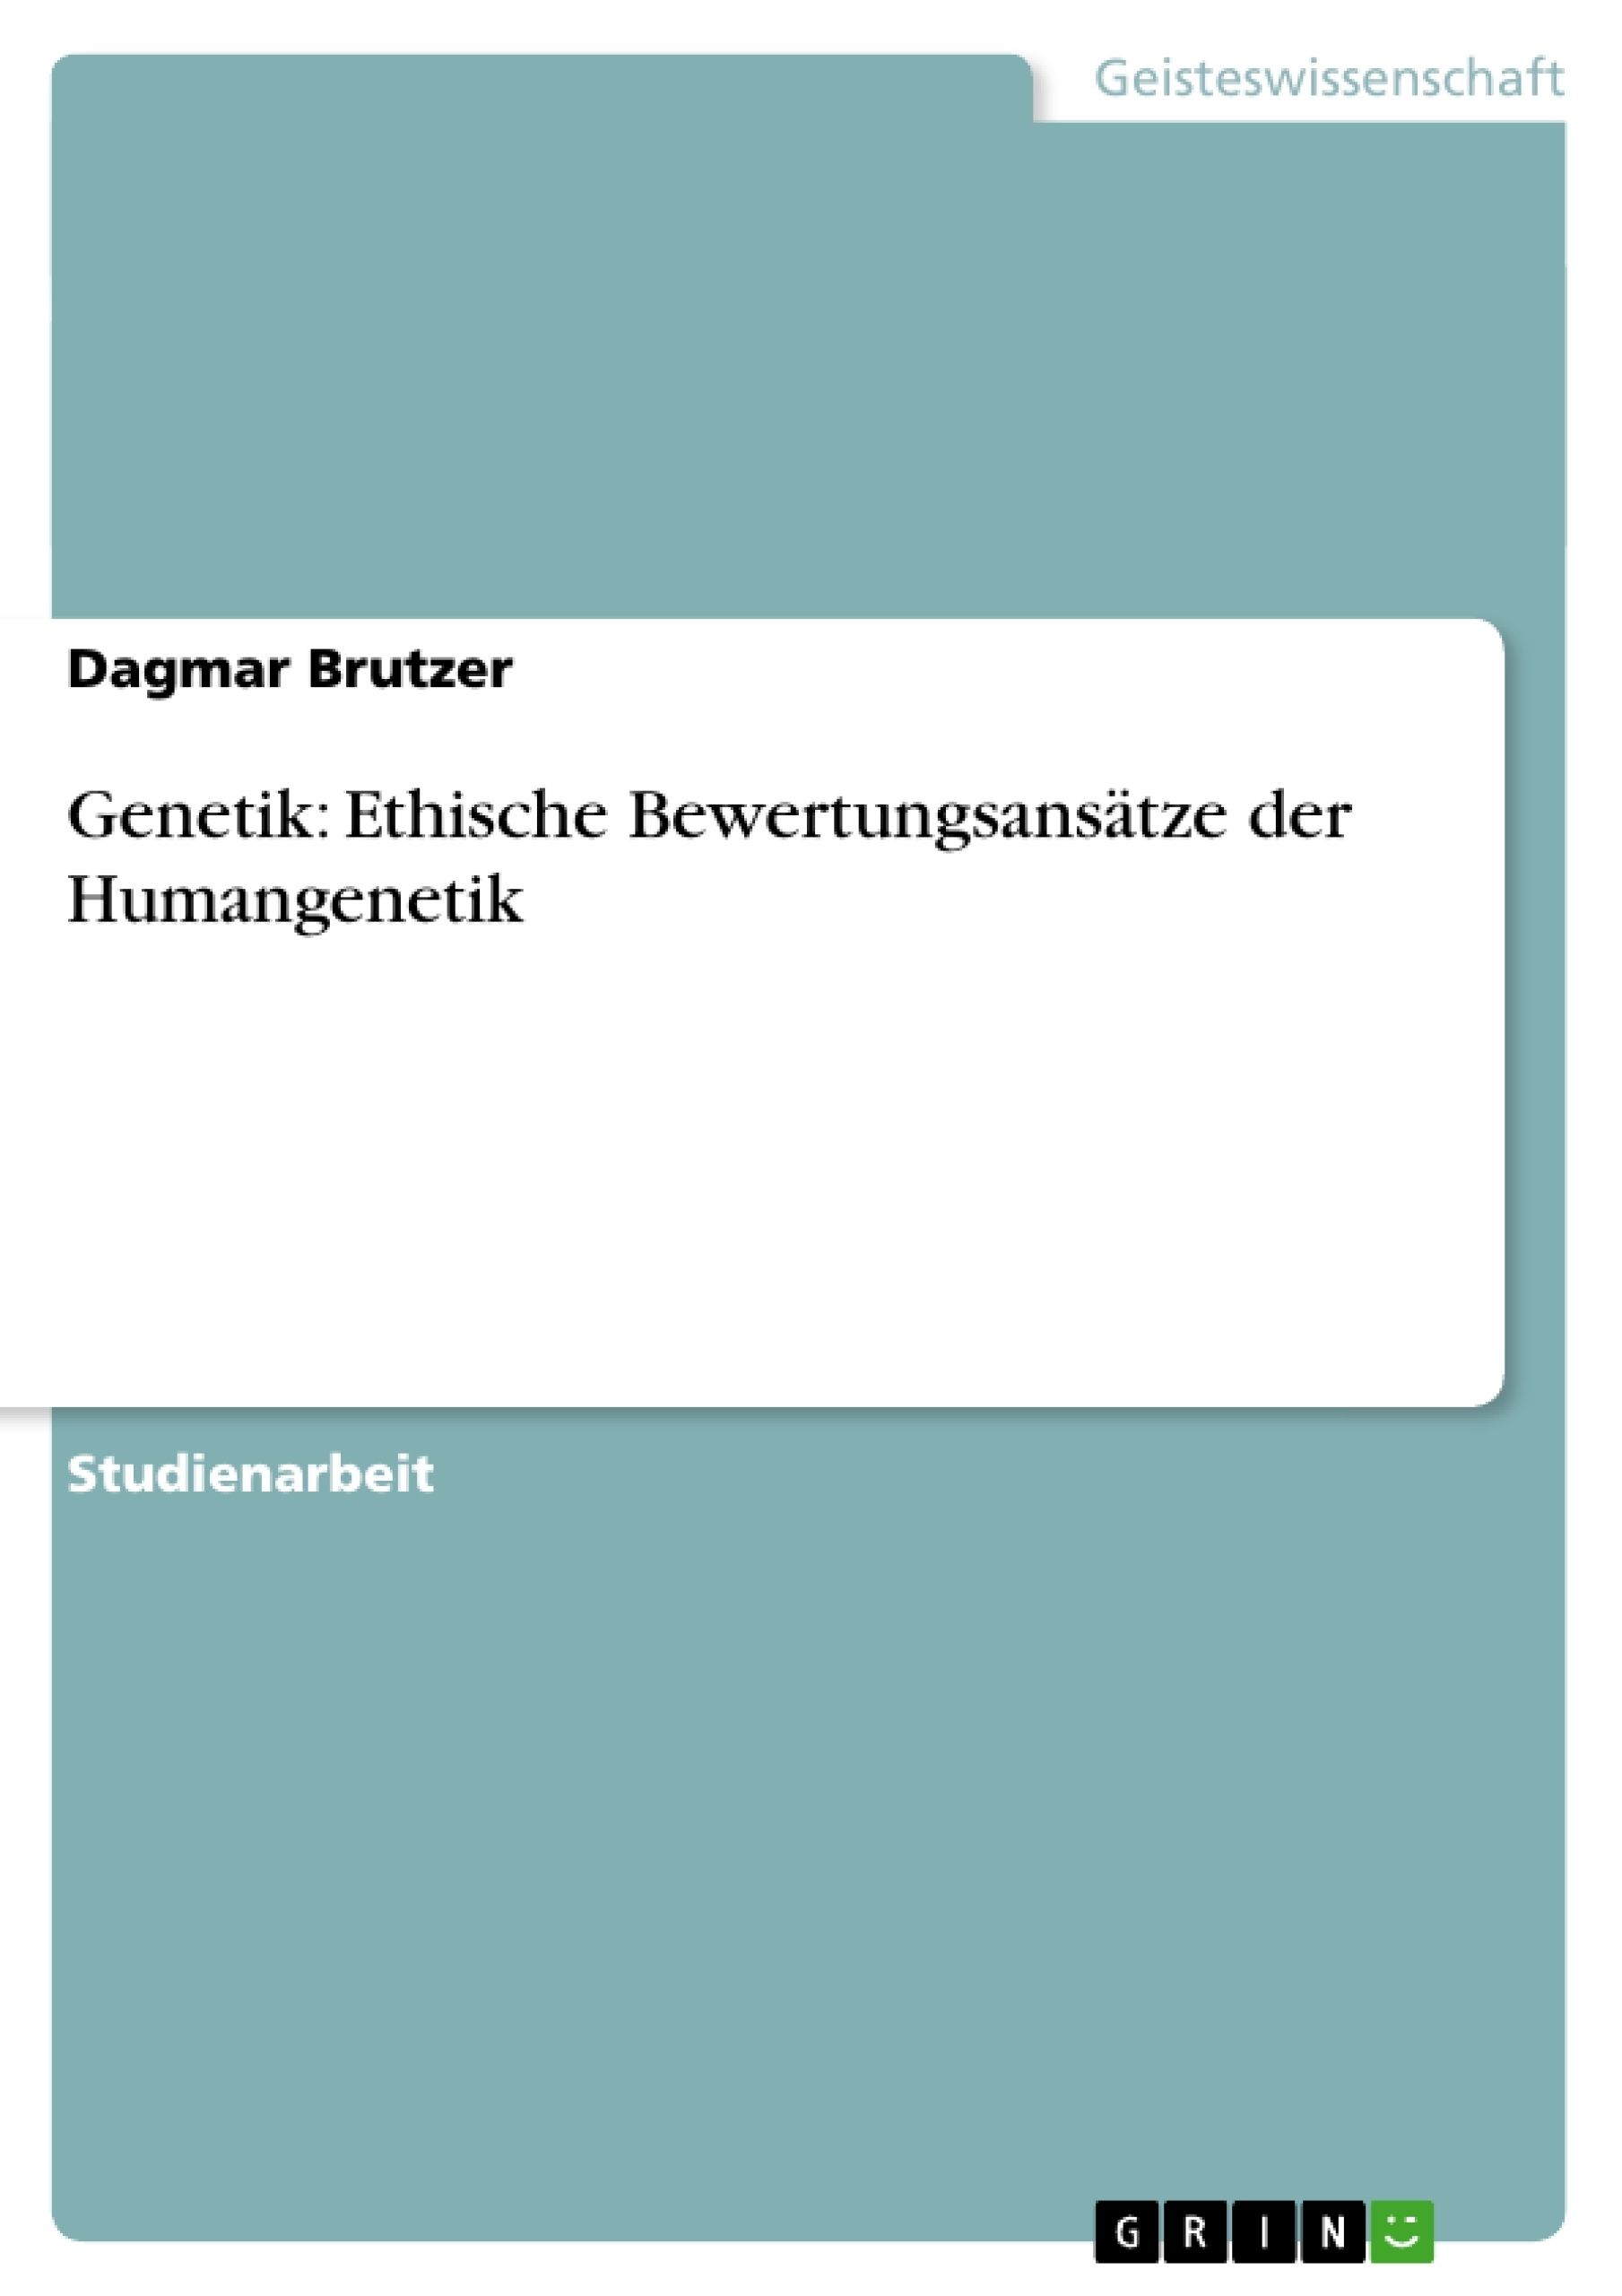 Titel: Genetik: Ethische Bewertungsansätze der Humangenetik